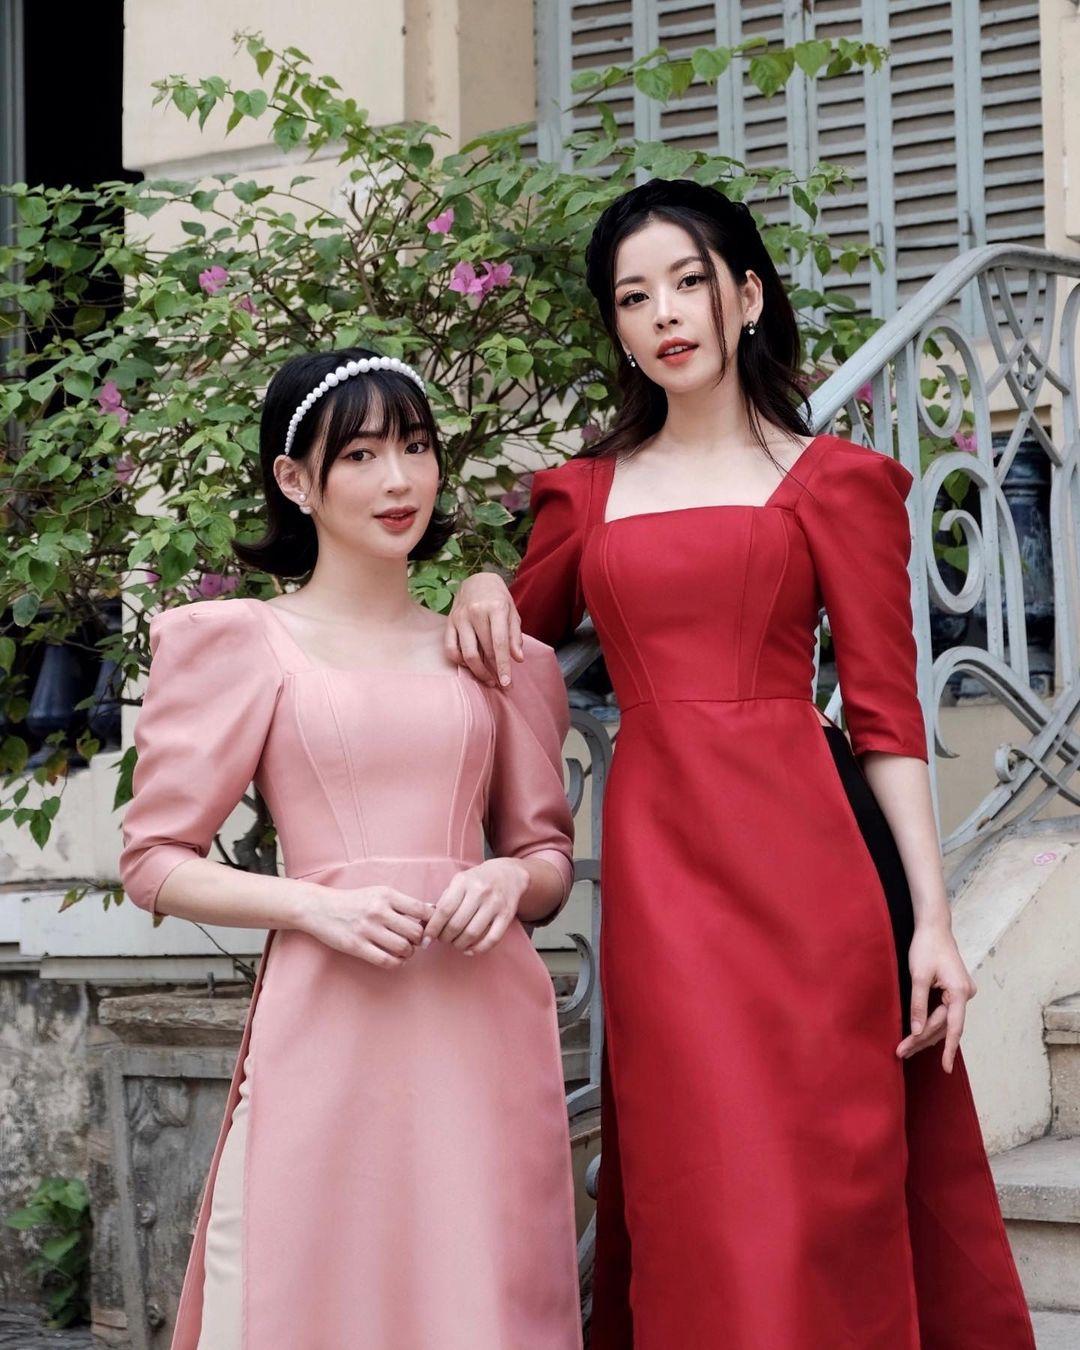 Sao Việt rộn ràng diện áo dài đón Tết sớm, kiểu hot hit nhất năm nay nằm cả ở chi tiết này - Ảnh 12.